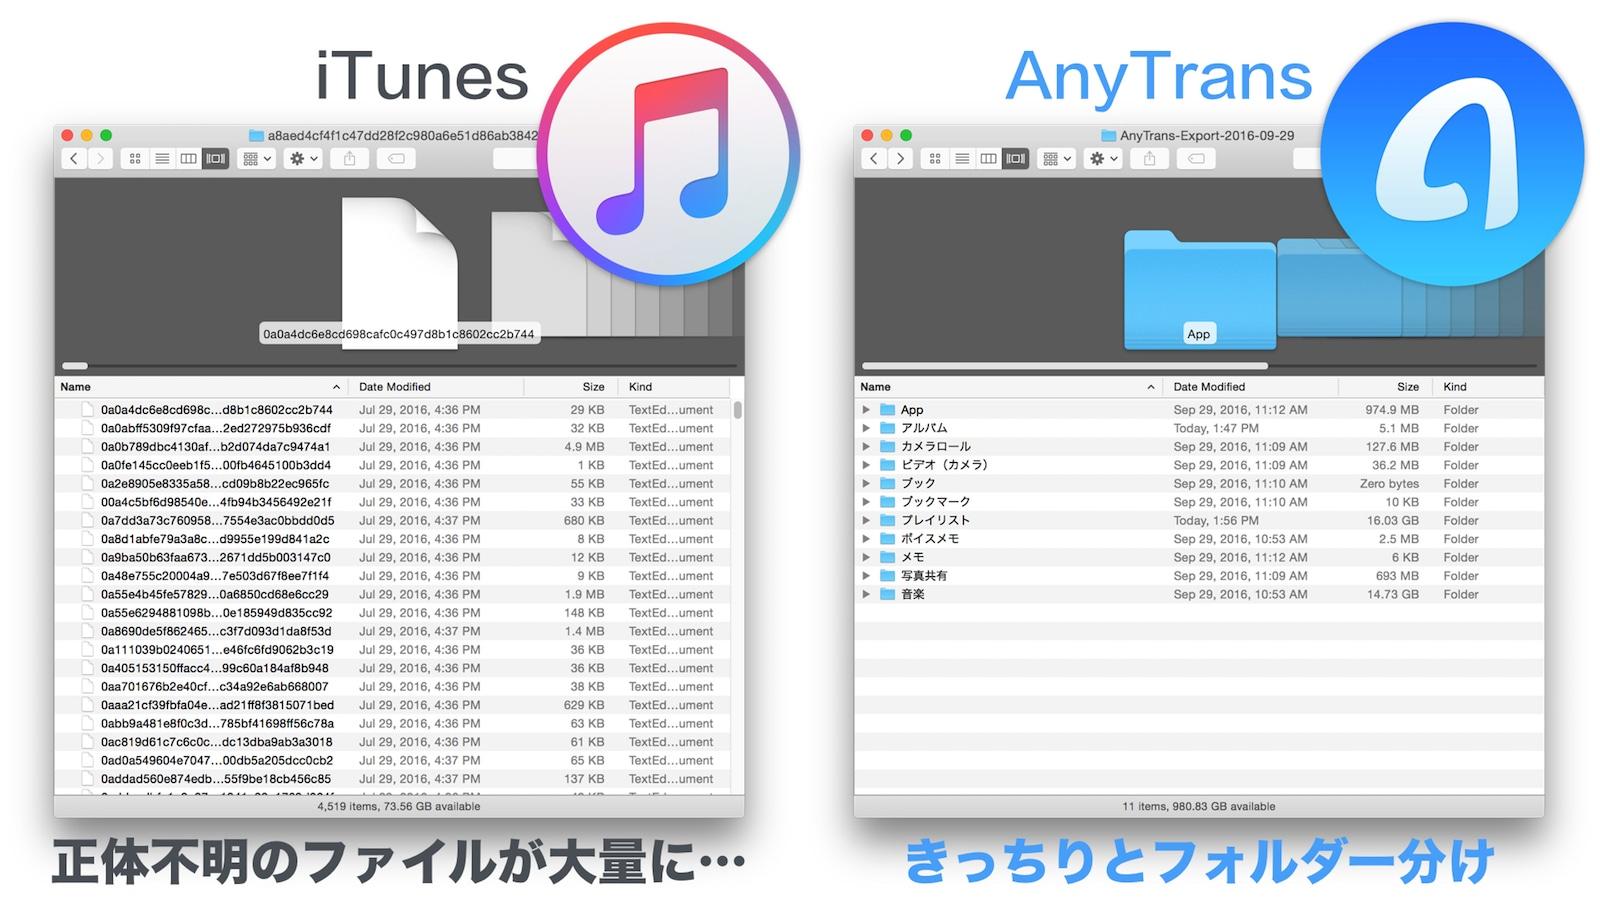 AnyTrans iOSデバイス バックアップ フォルダー分け